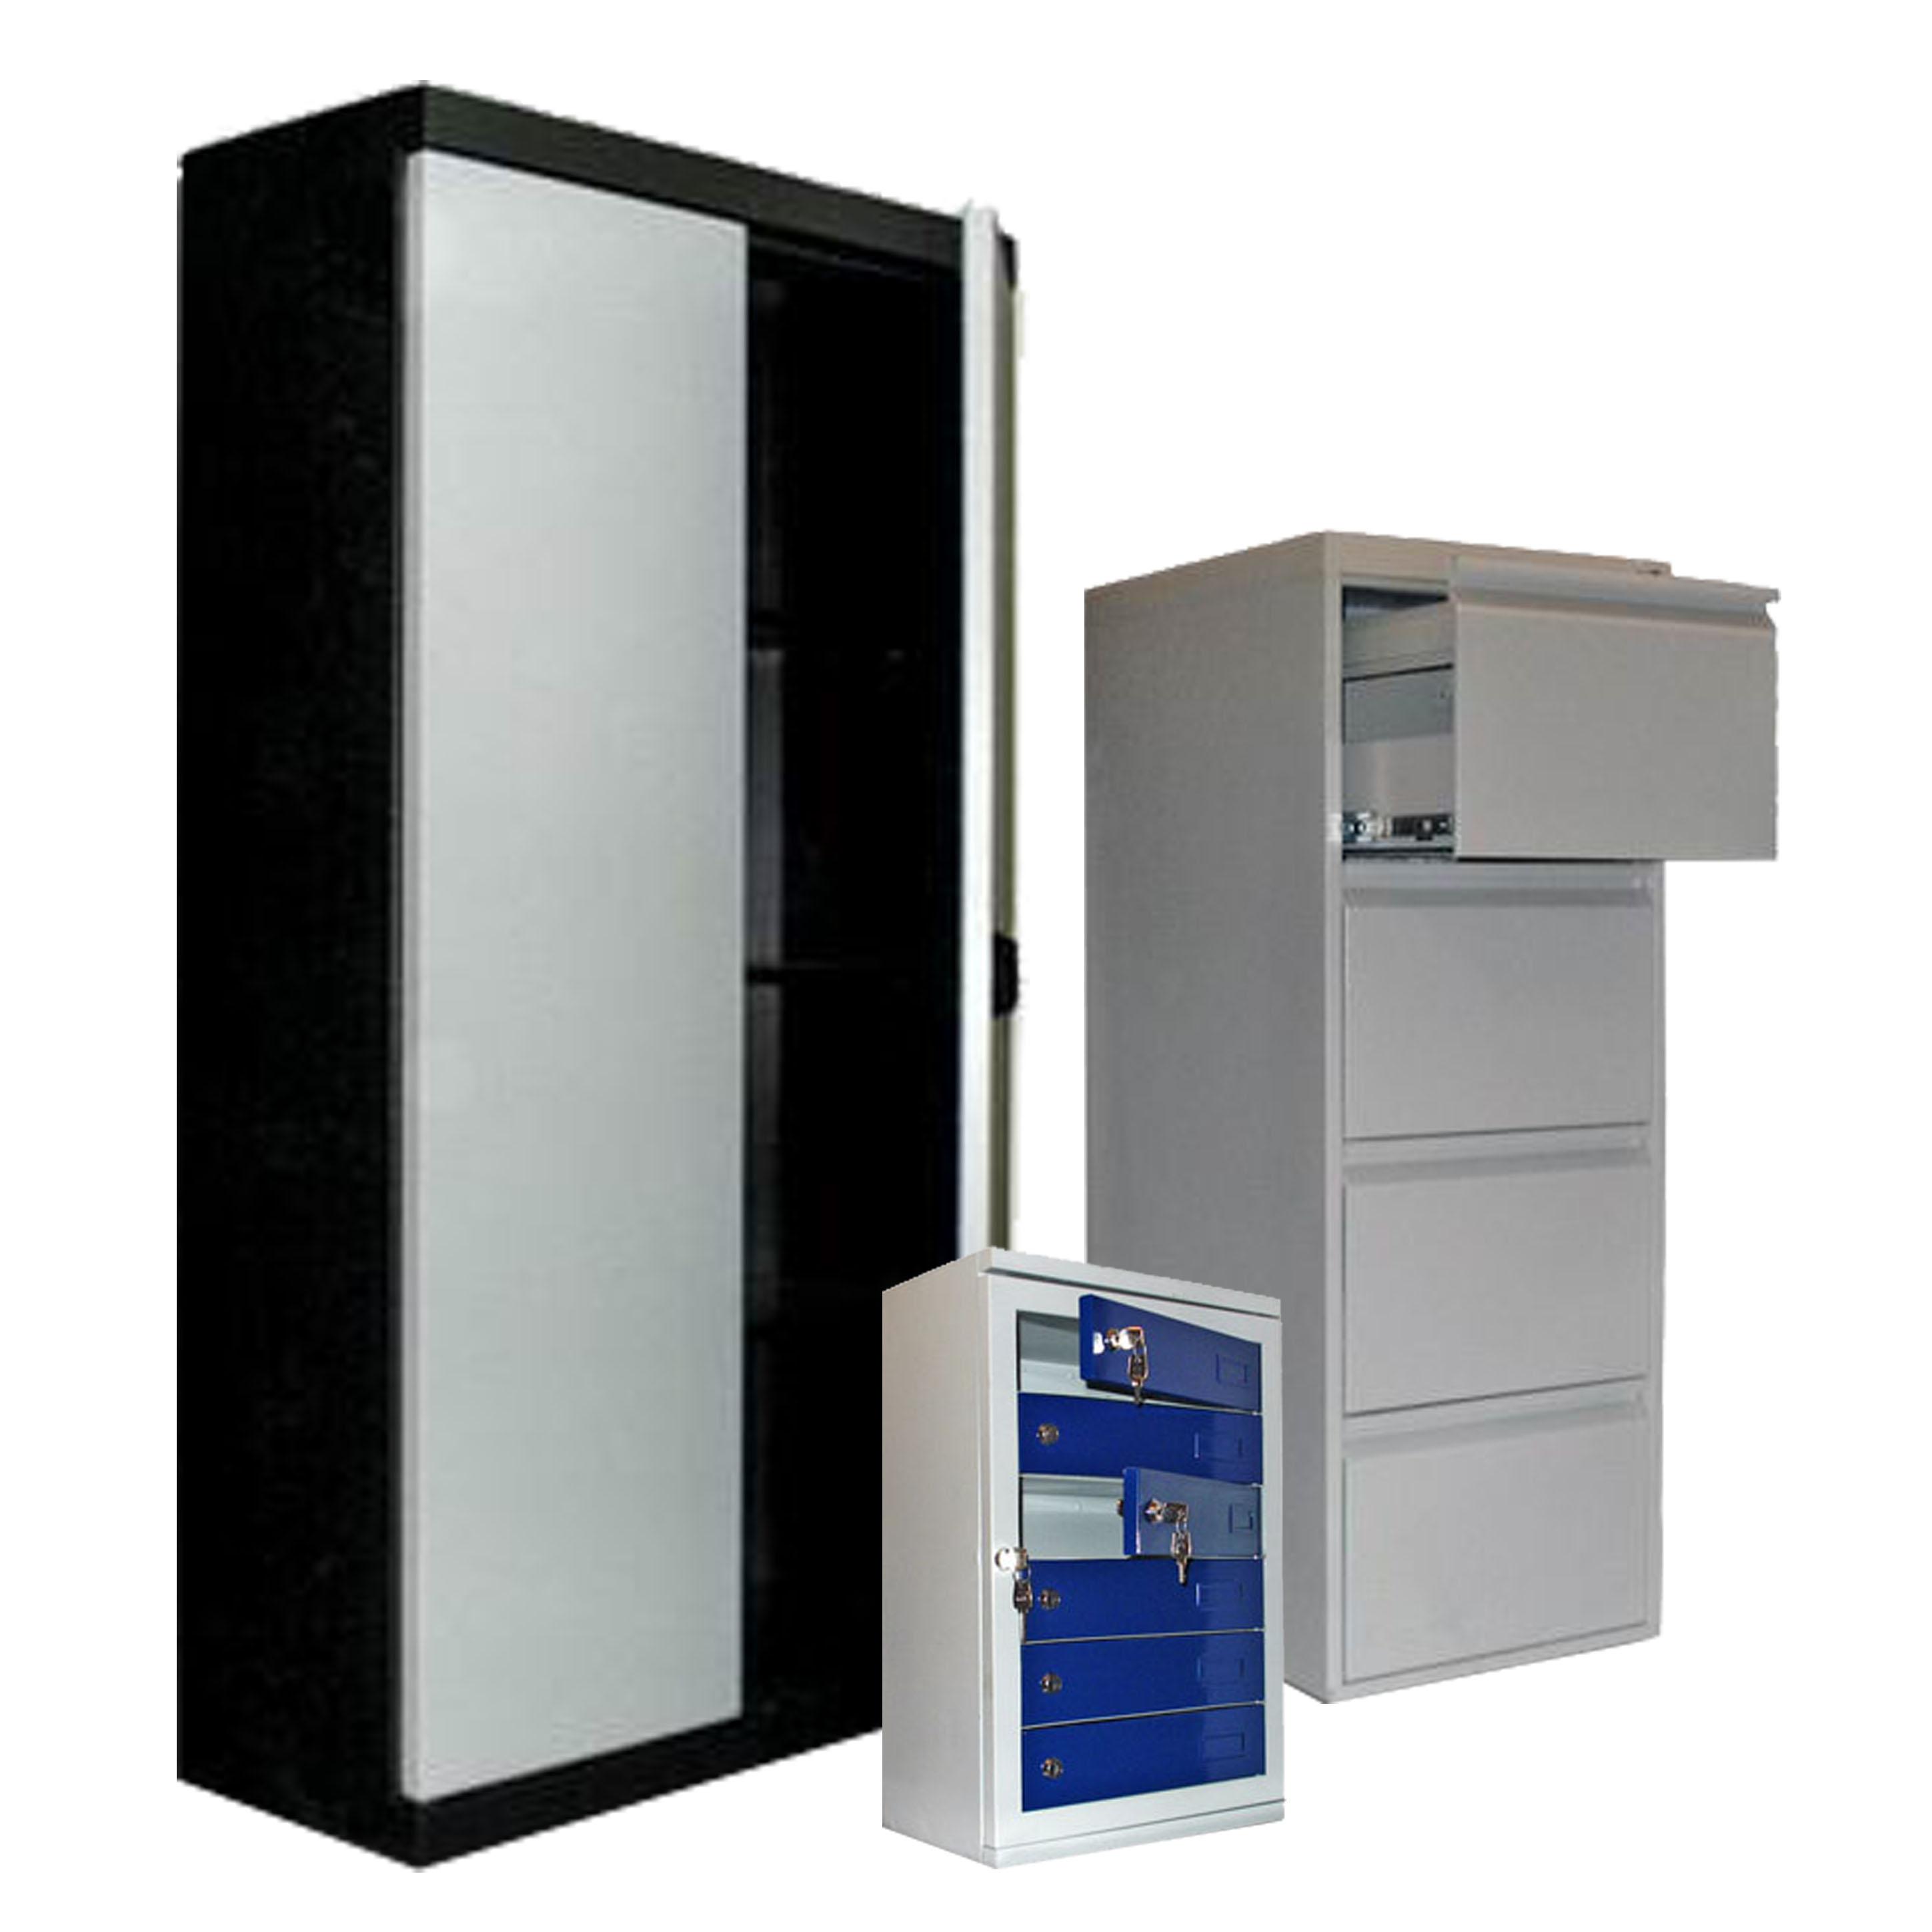 шкафы для документов, шкафы канцелярские, шкафы файловые картотечные, шкафы абонентские